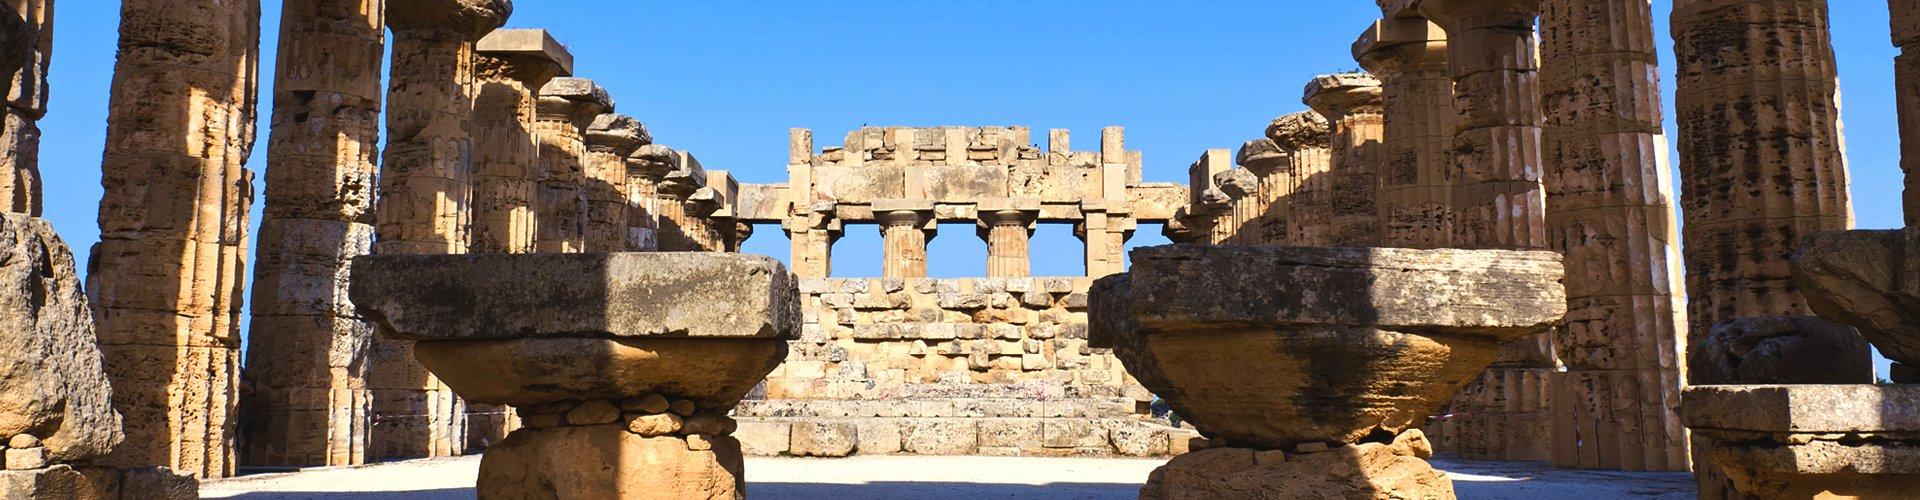 Griekse tempel op Sicilië, Italië